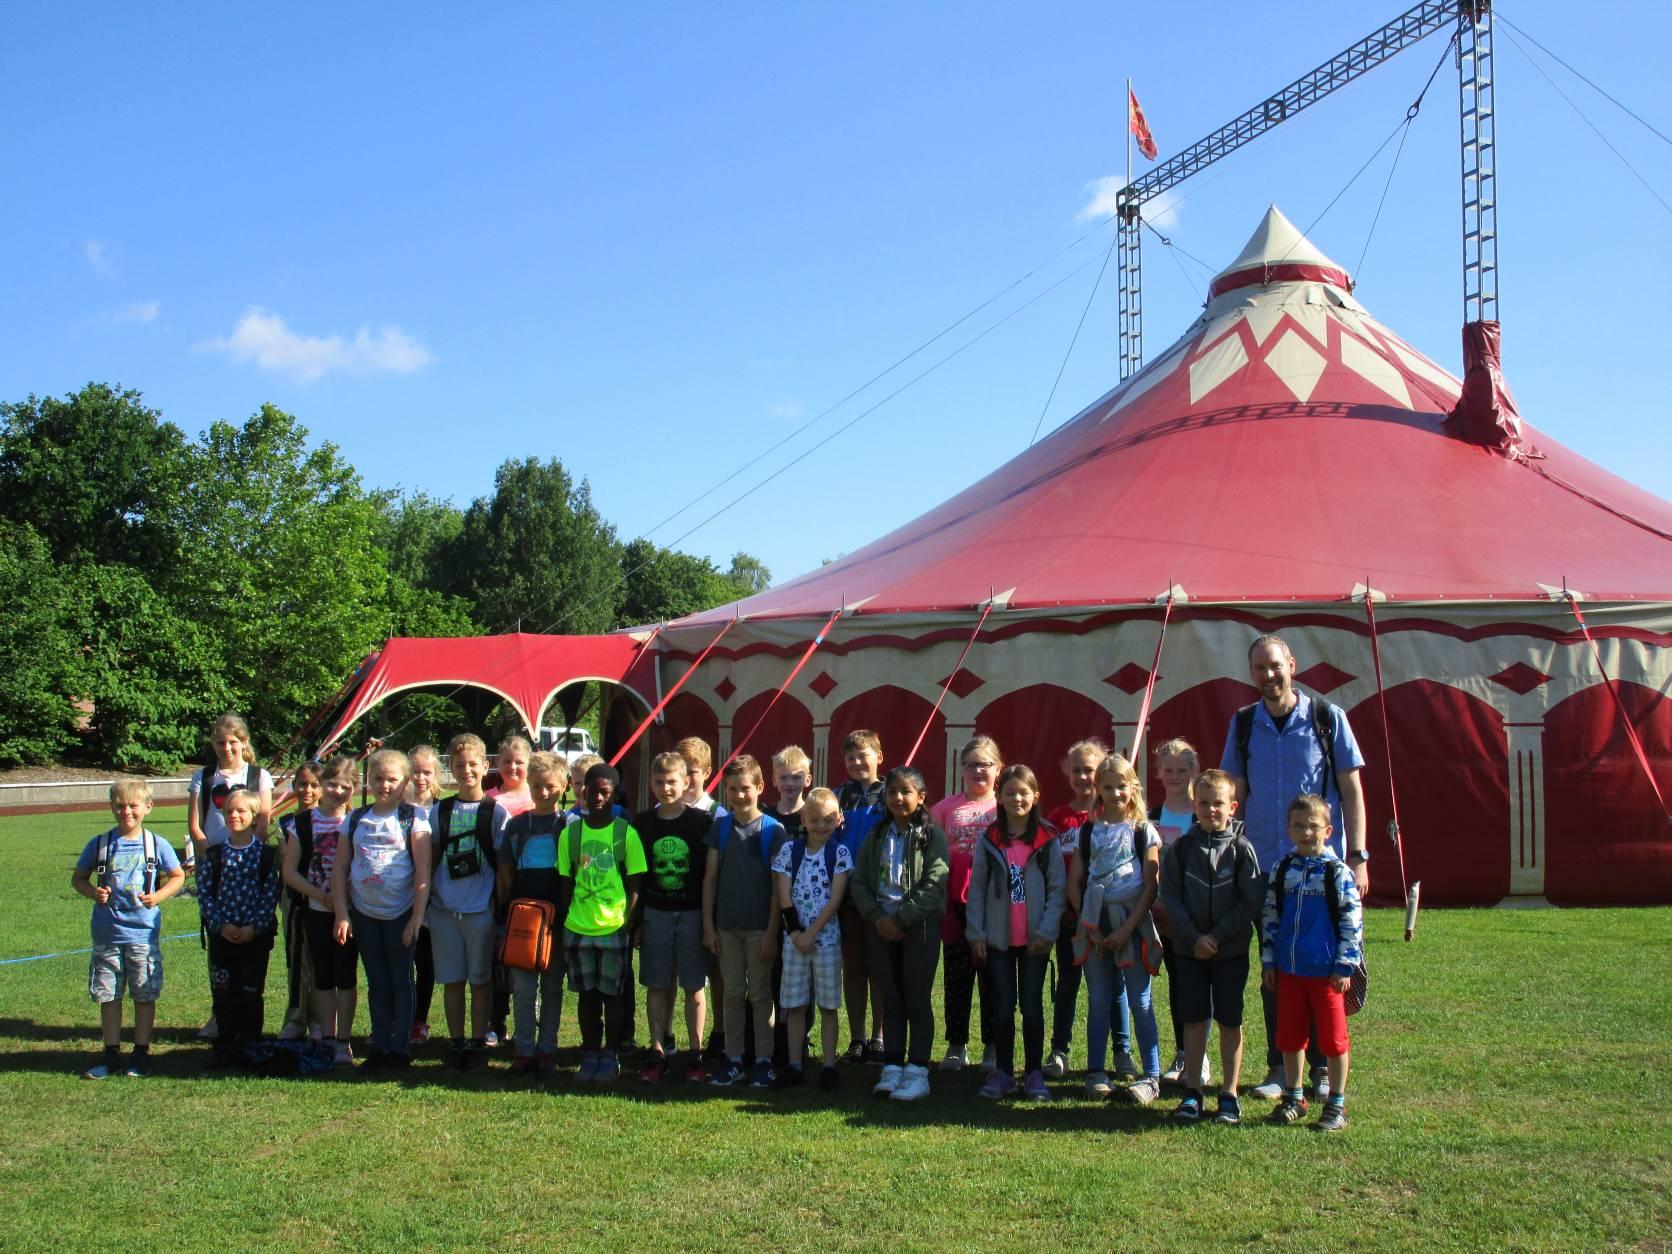 Weihnachtsfeier Zirkus.Grundschule Holthausen Ausflug Klasse 3a Und 3b Zum Zirkus Phantasia